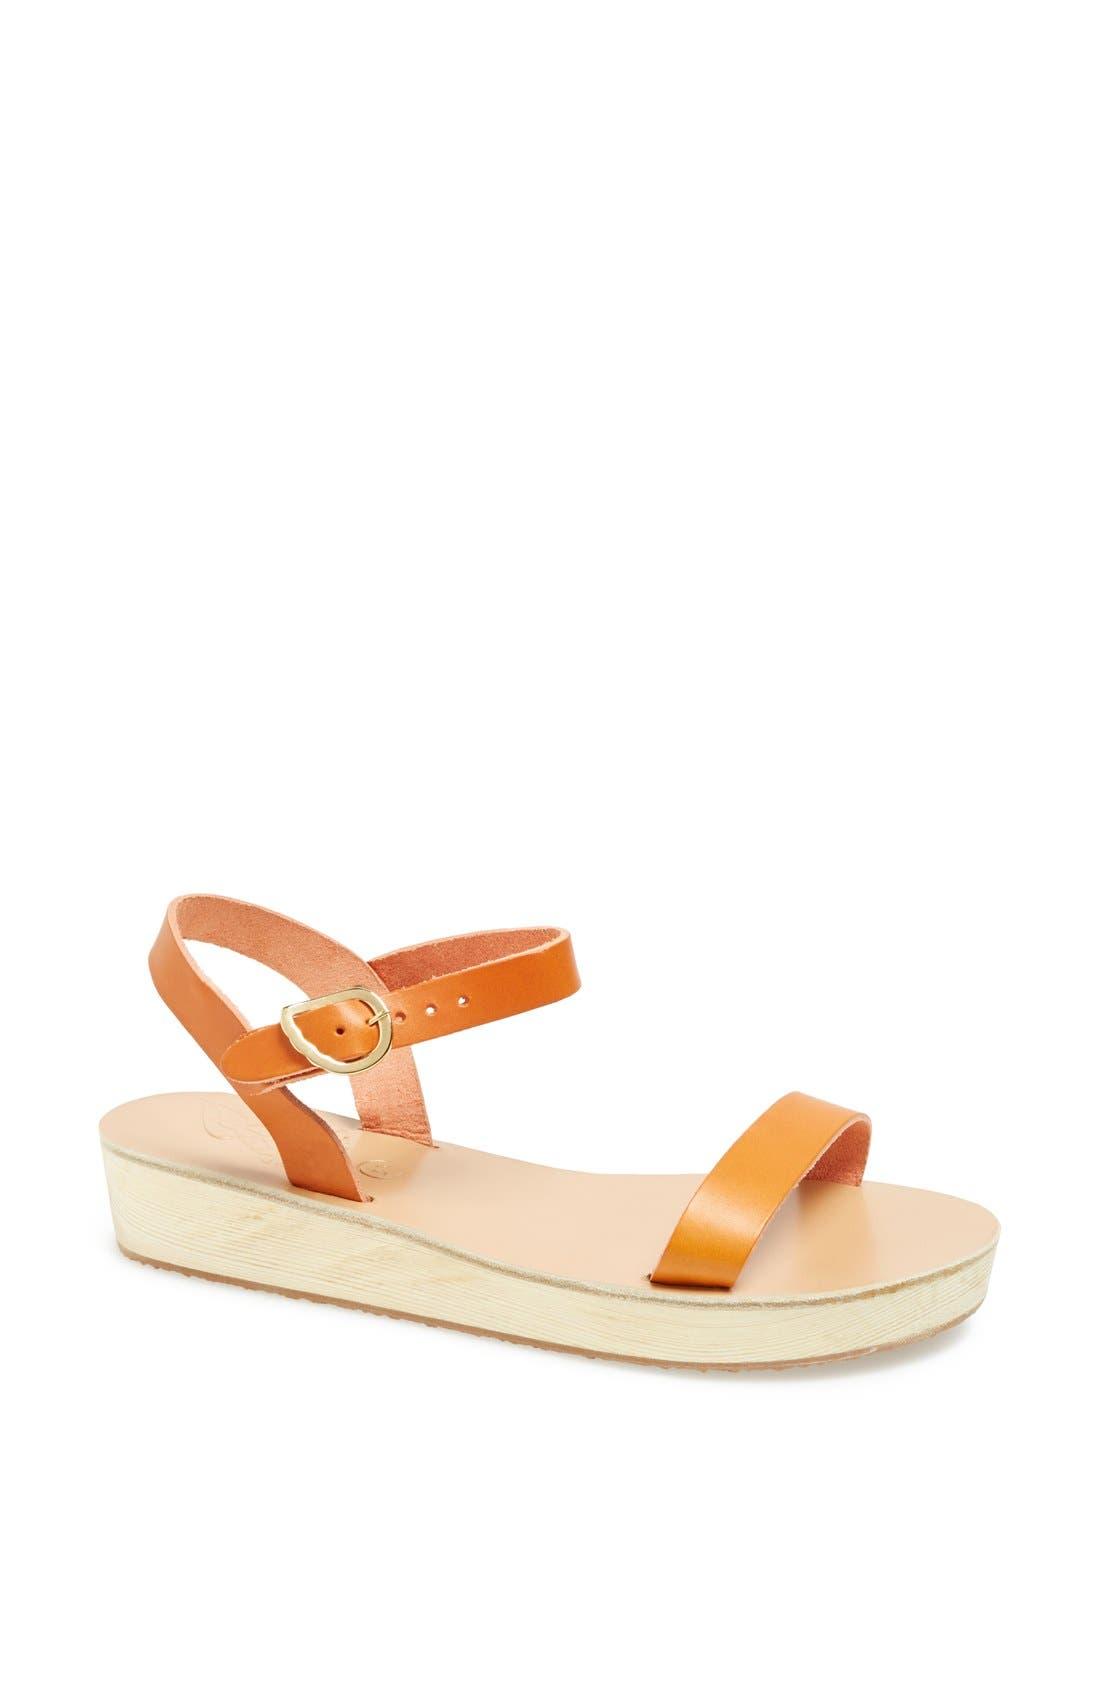 Alternate Image 1 Selected - Ancient Greek Sandals 'Drama' Platform Sandal